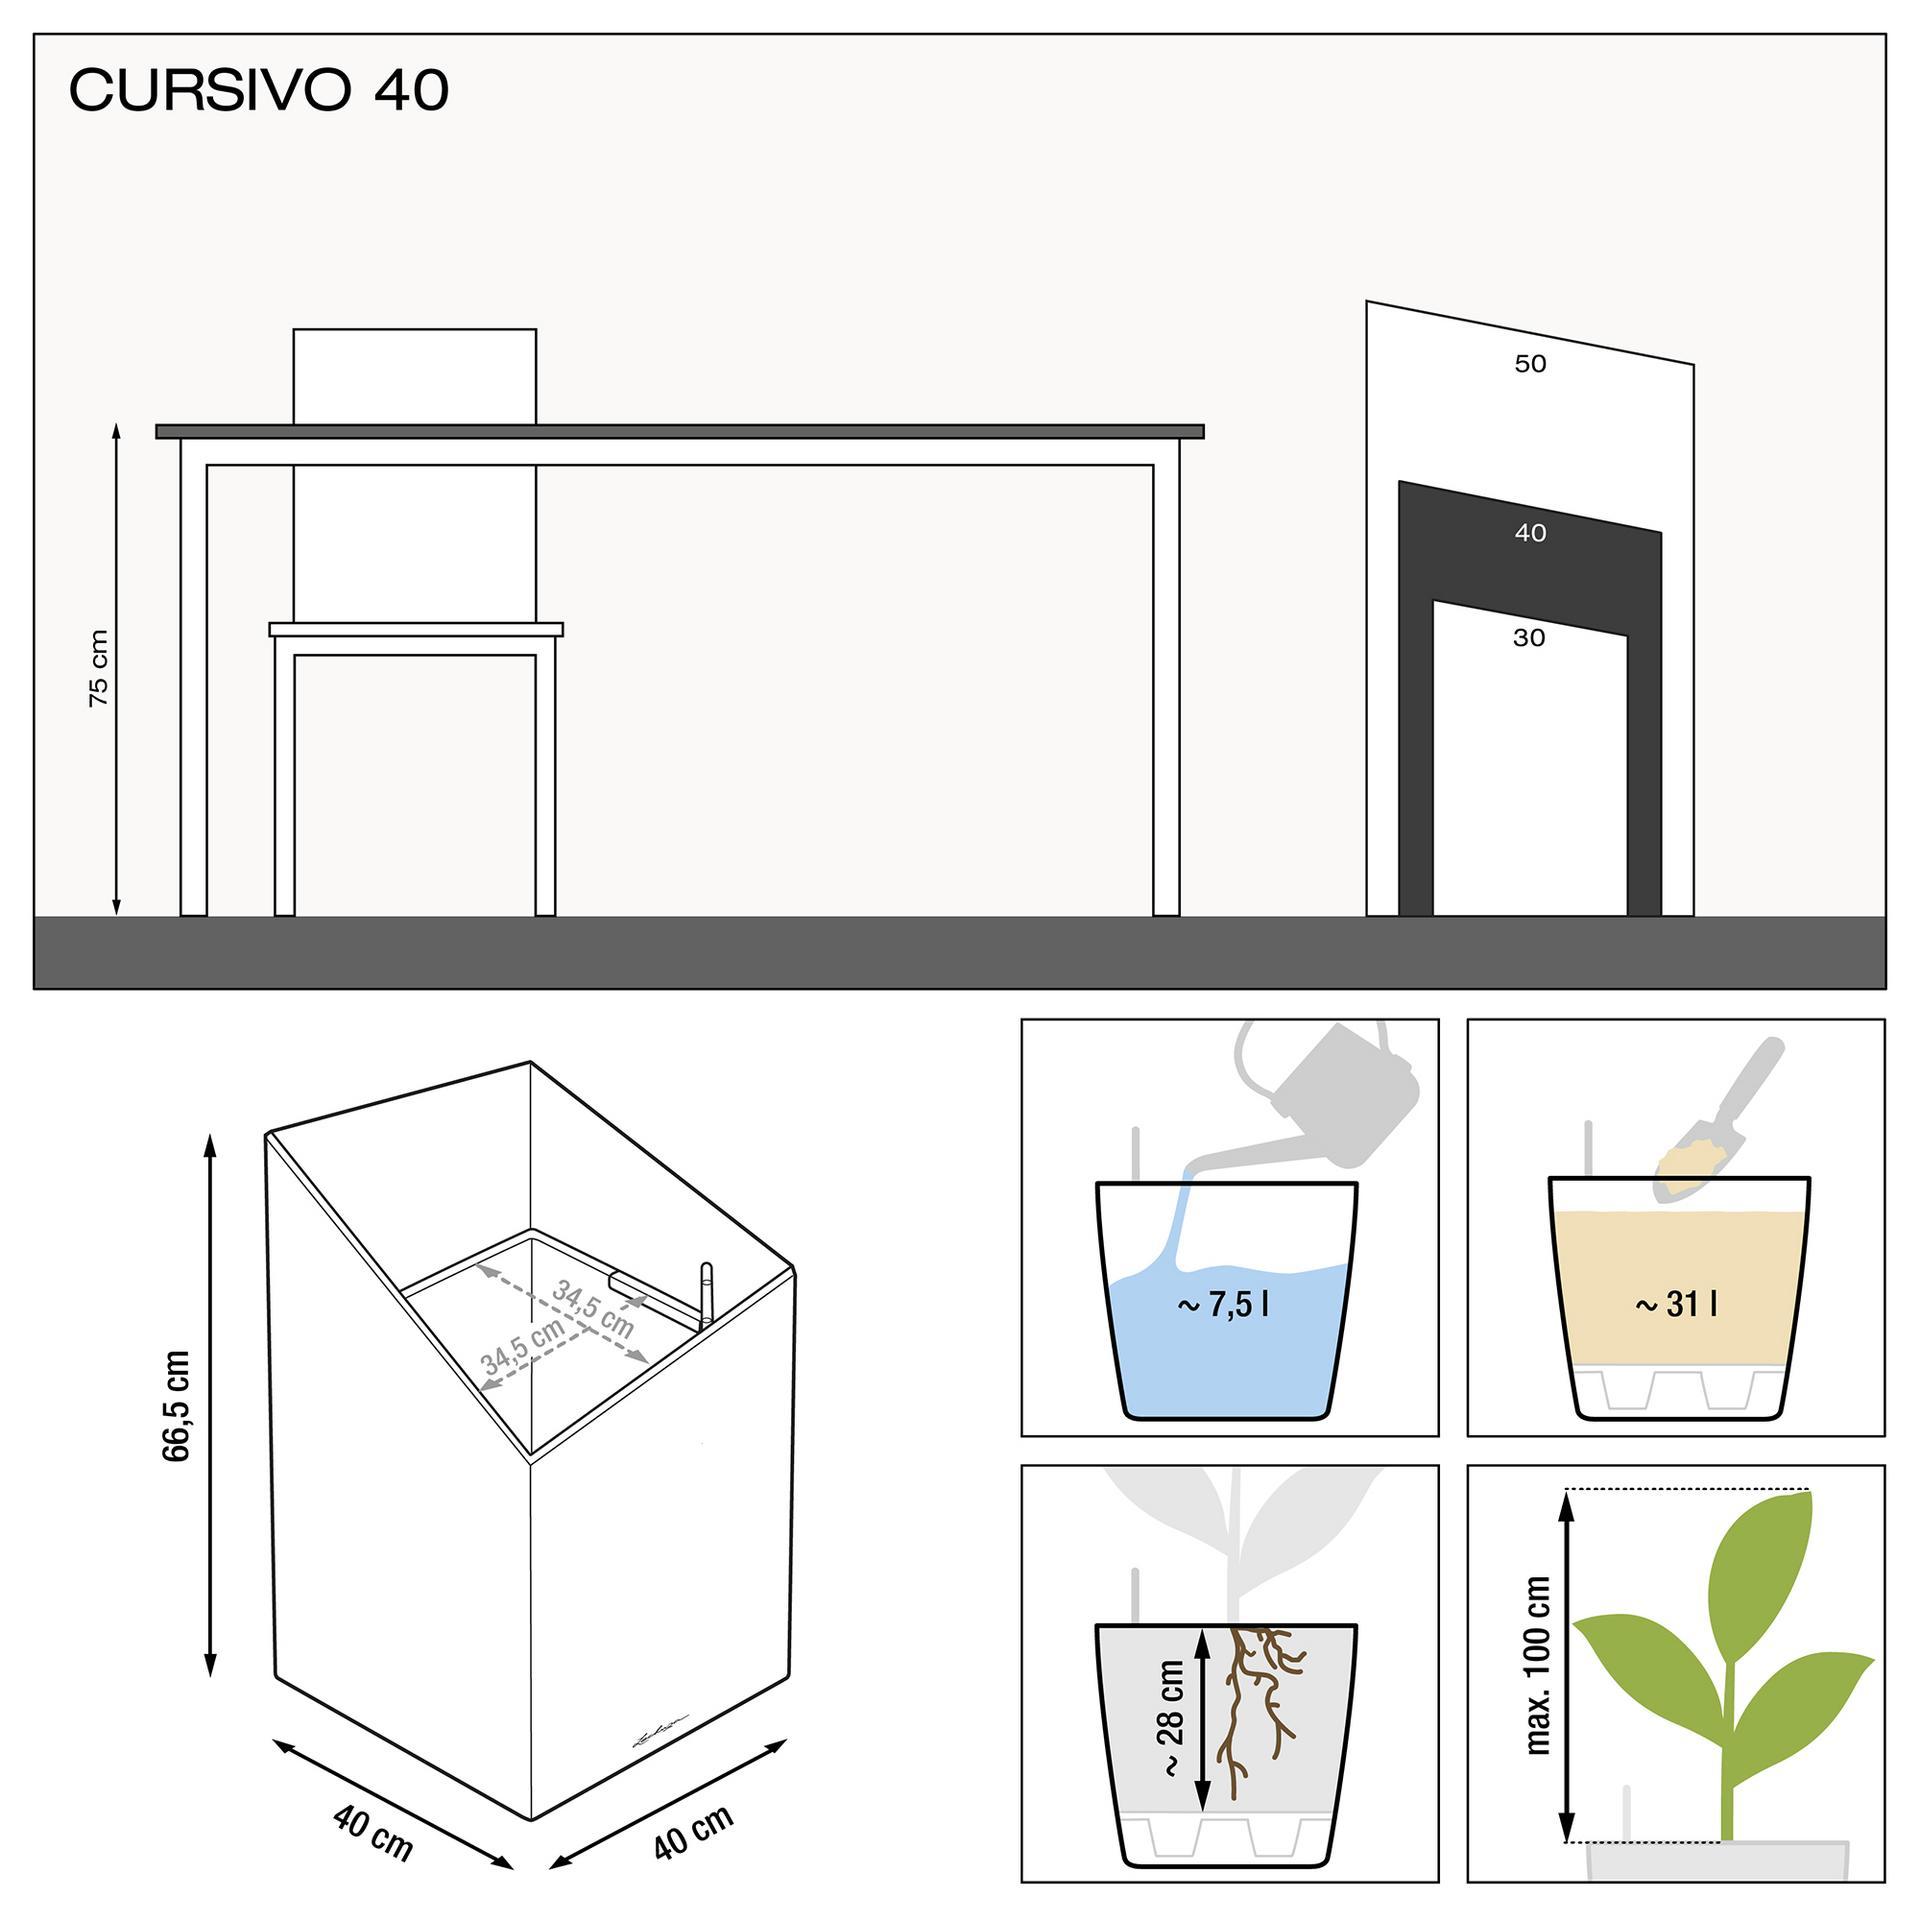 le_cursivo40_product_addi_nz